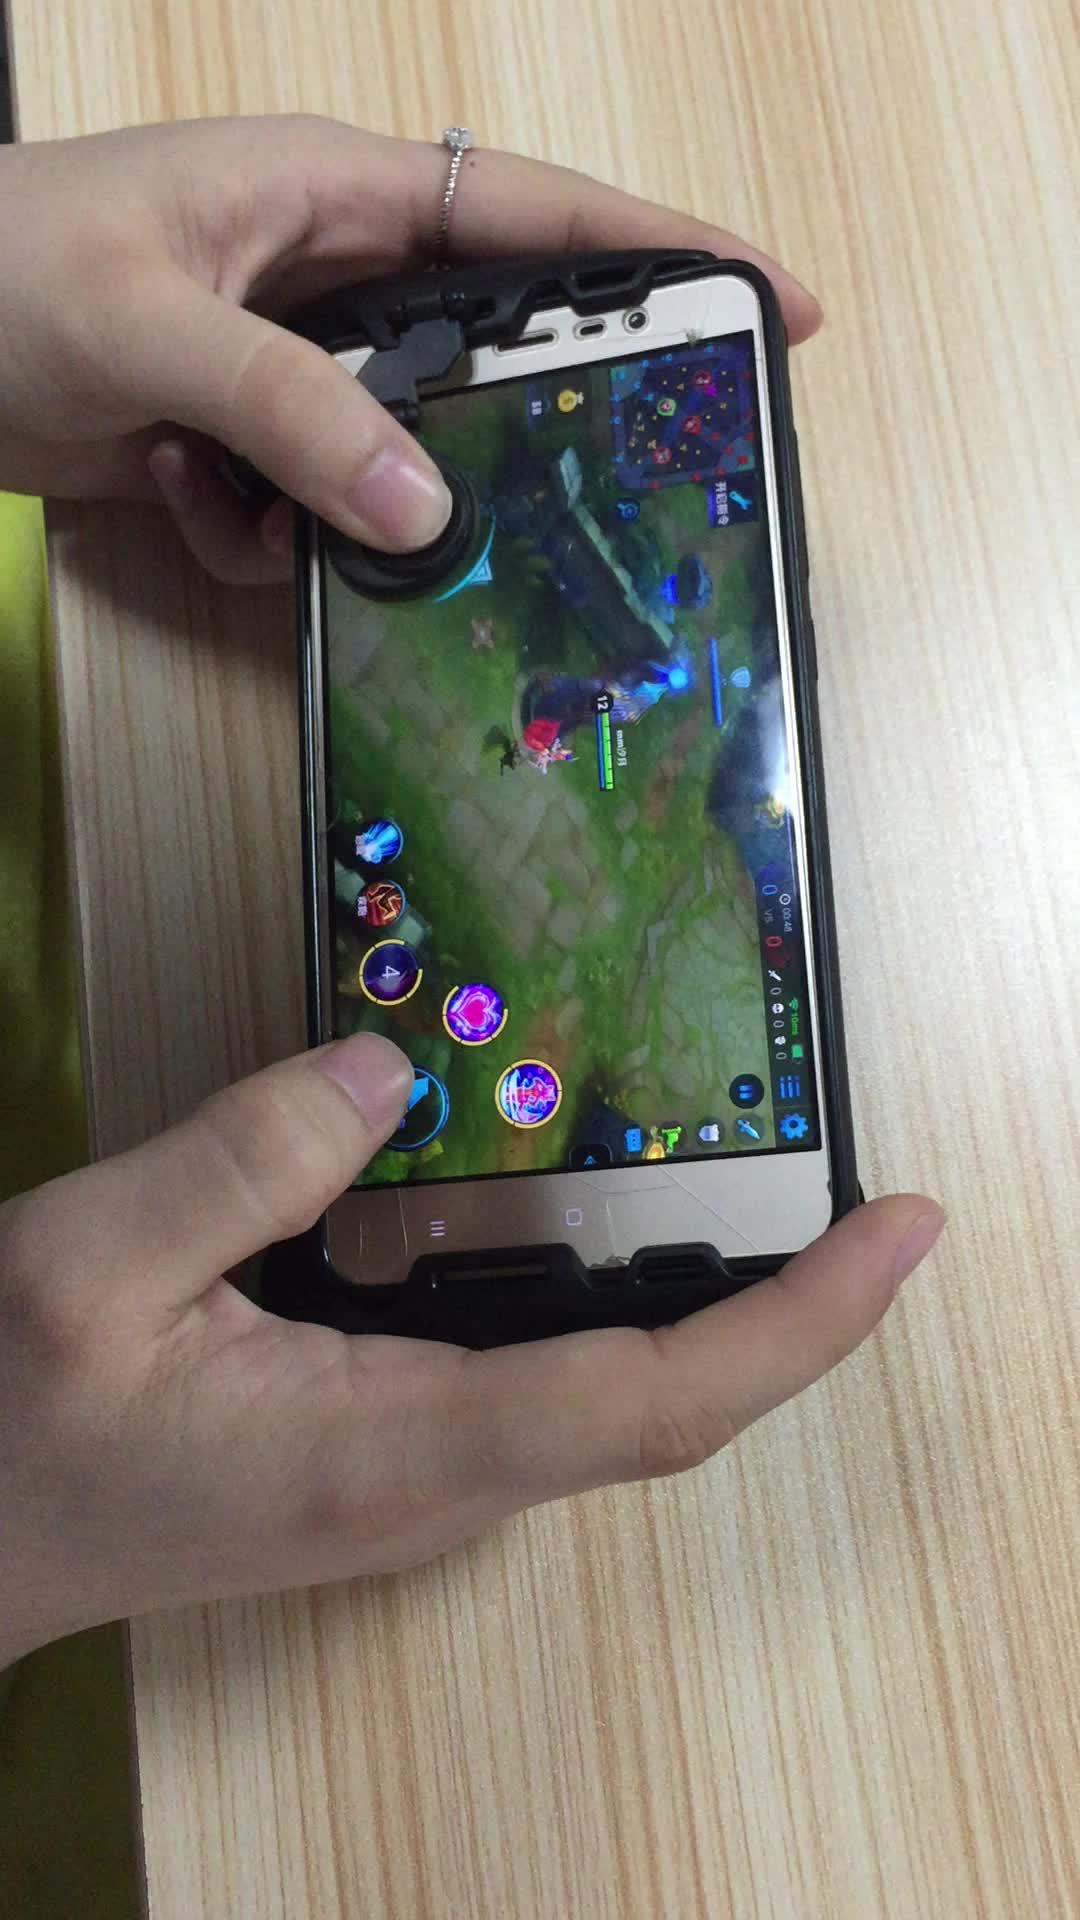 MOBA Game Controller Grip untuk Android & Iphone (Mobile Legends Vainglory, Dll) Gamepad Diperpanjang Menangani